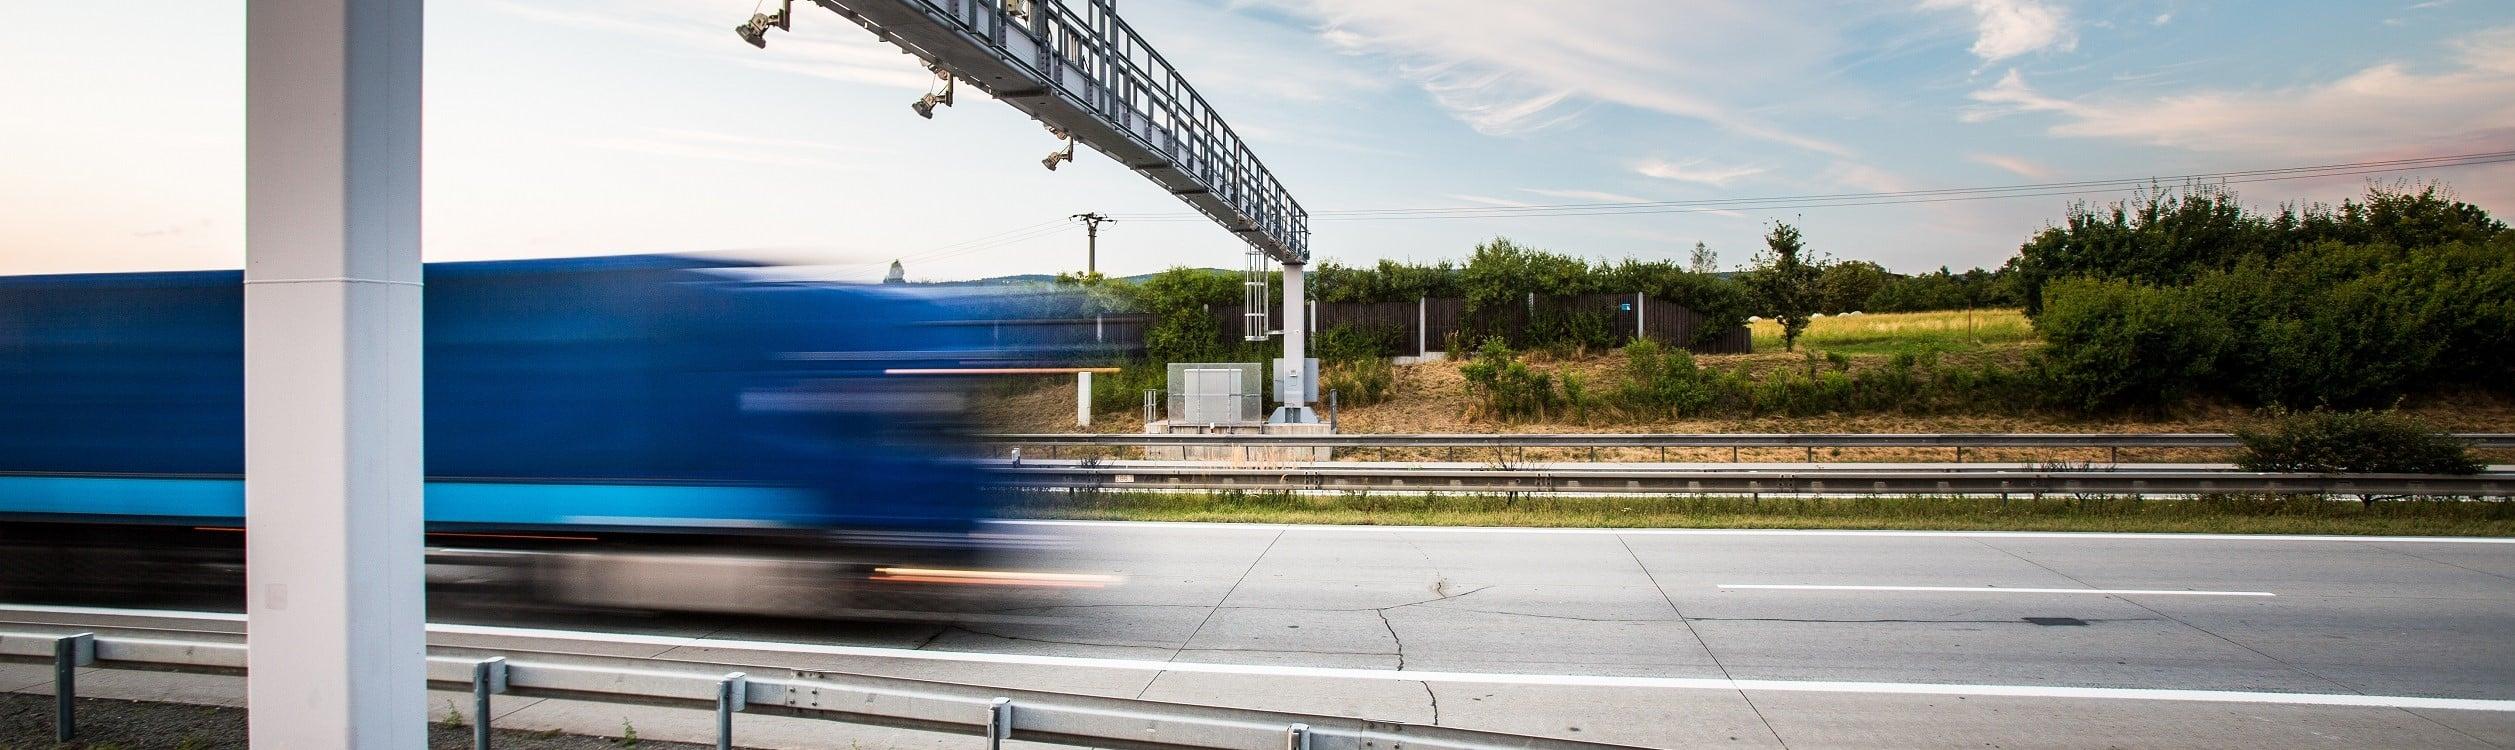 Fahrender LKW auf einer Autobahn unter einer LKW-Maut-Brücke